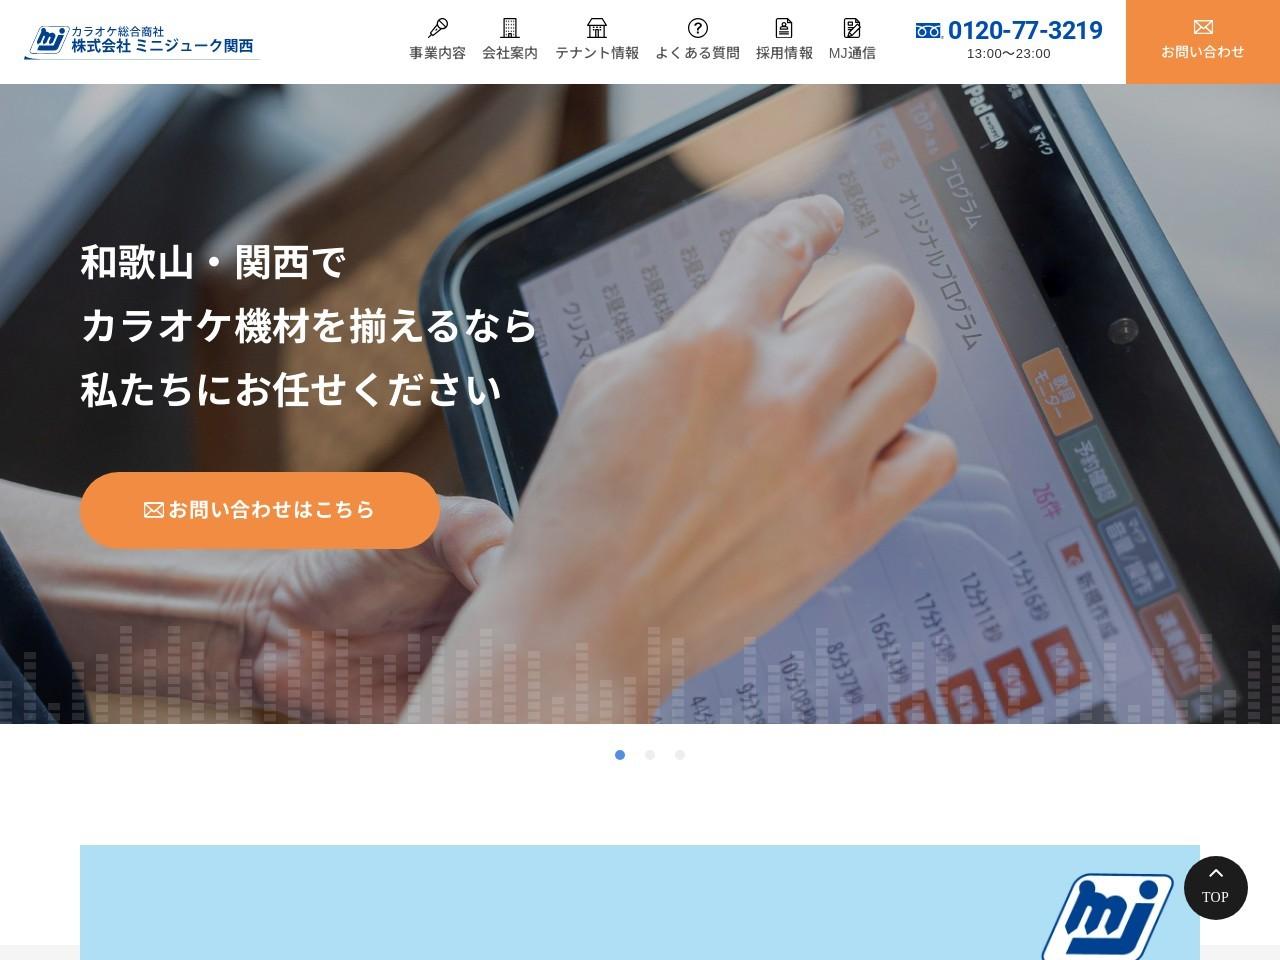 株式会社ミニジューク関西|カラオケ機器の卸販売、レンタル、機材メンテナンス